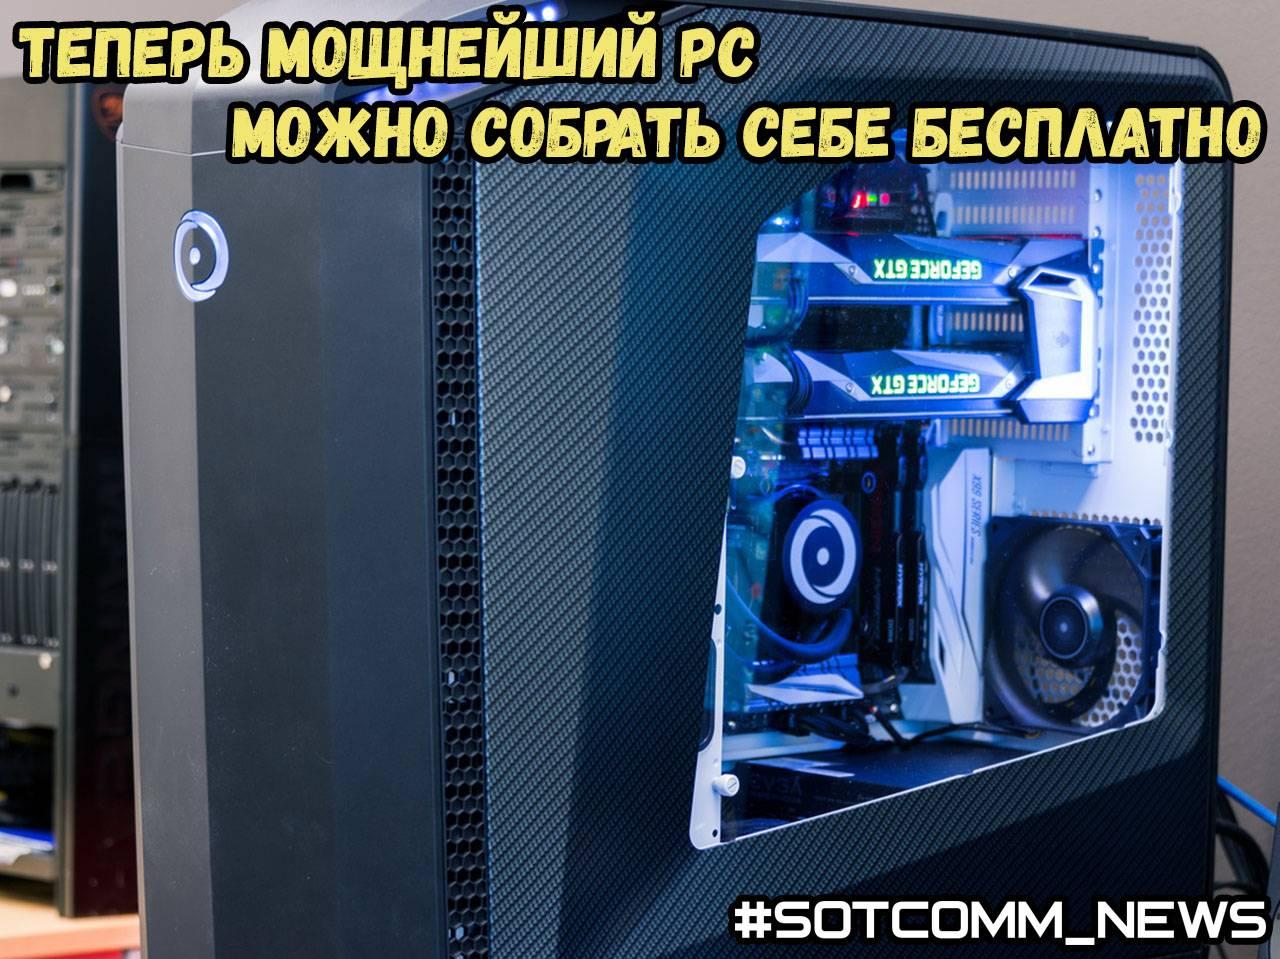 Теперь мощнейший PC можно собрать себе бесплатно